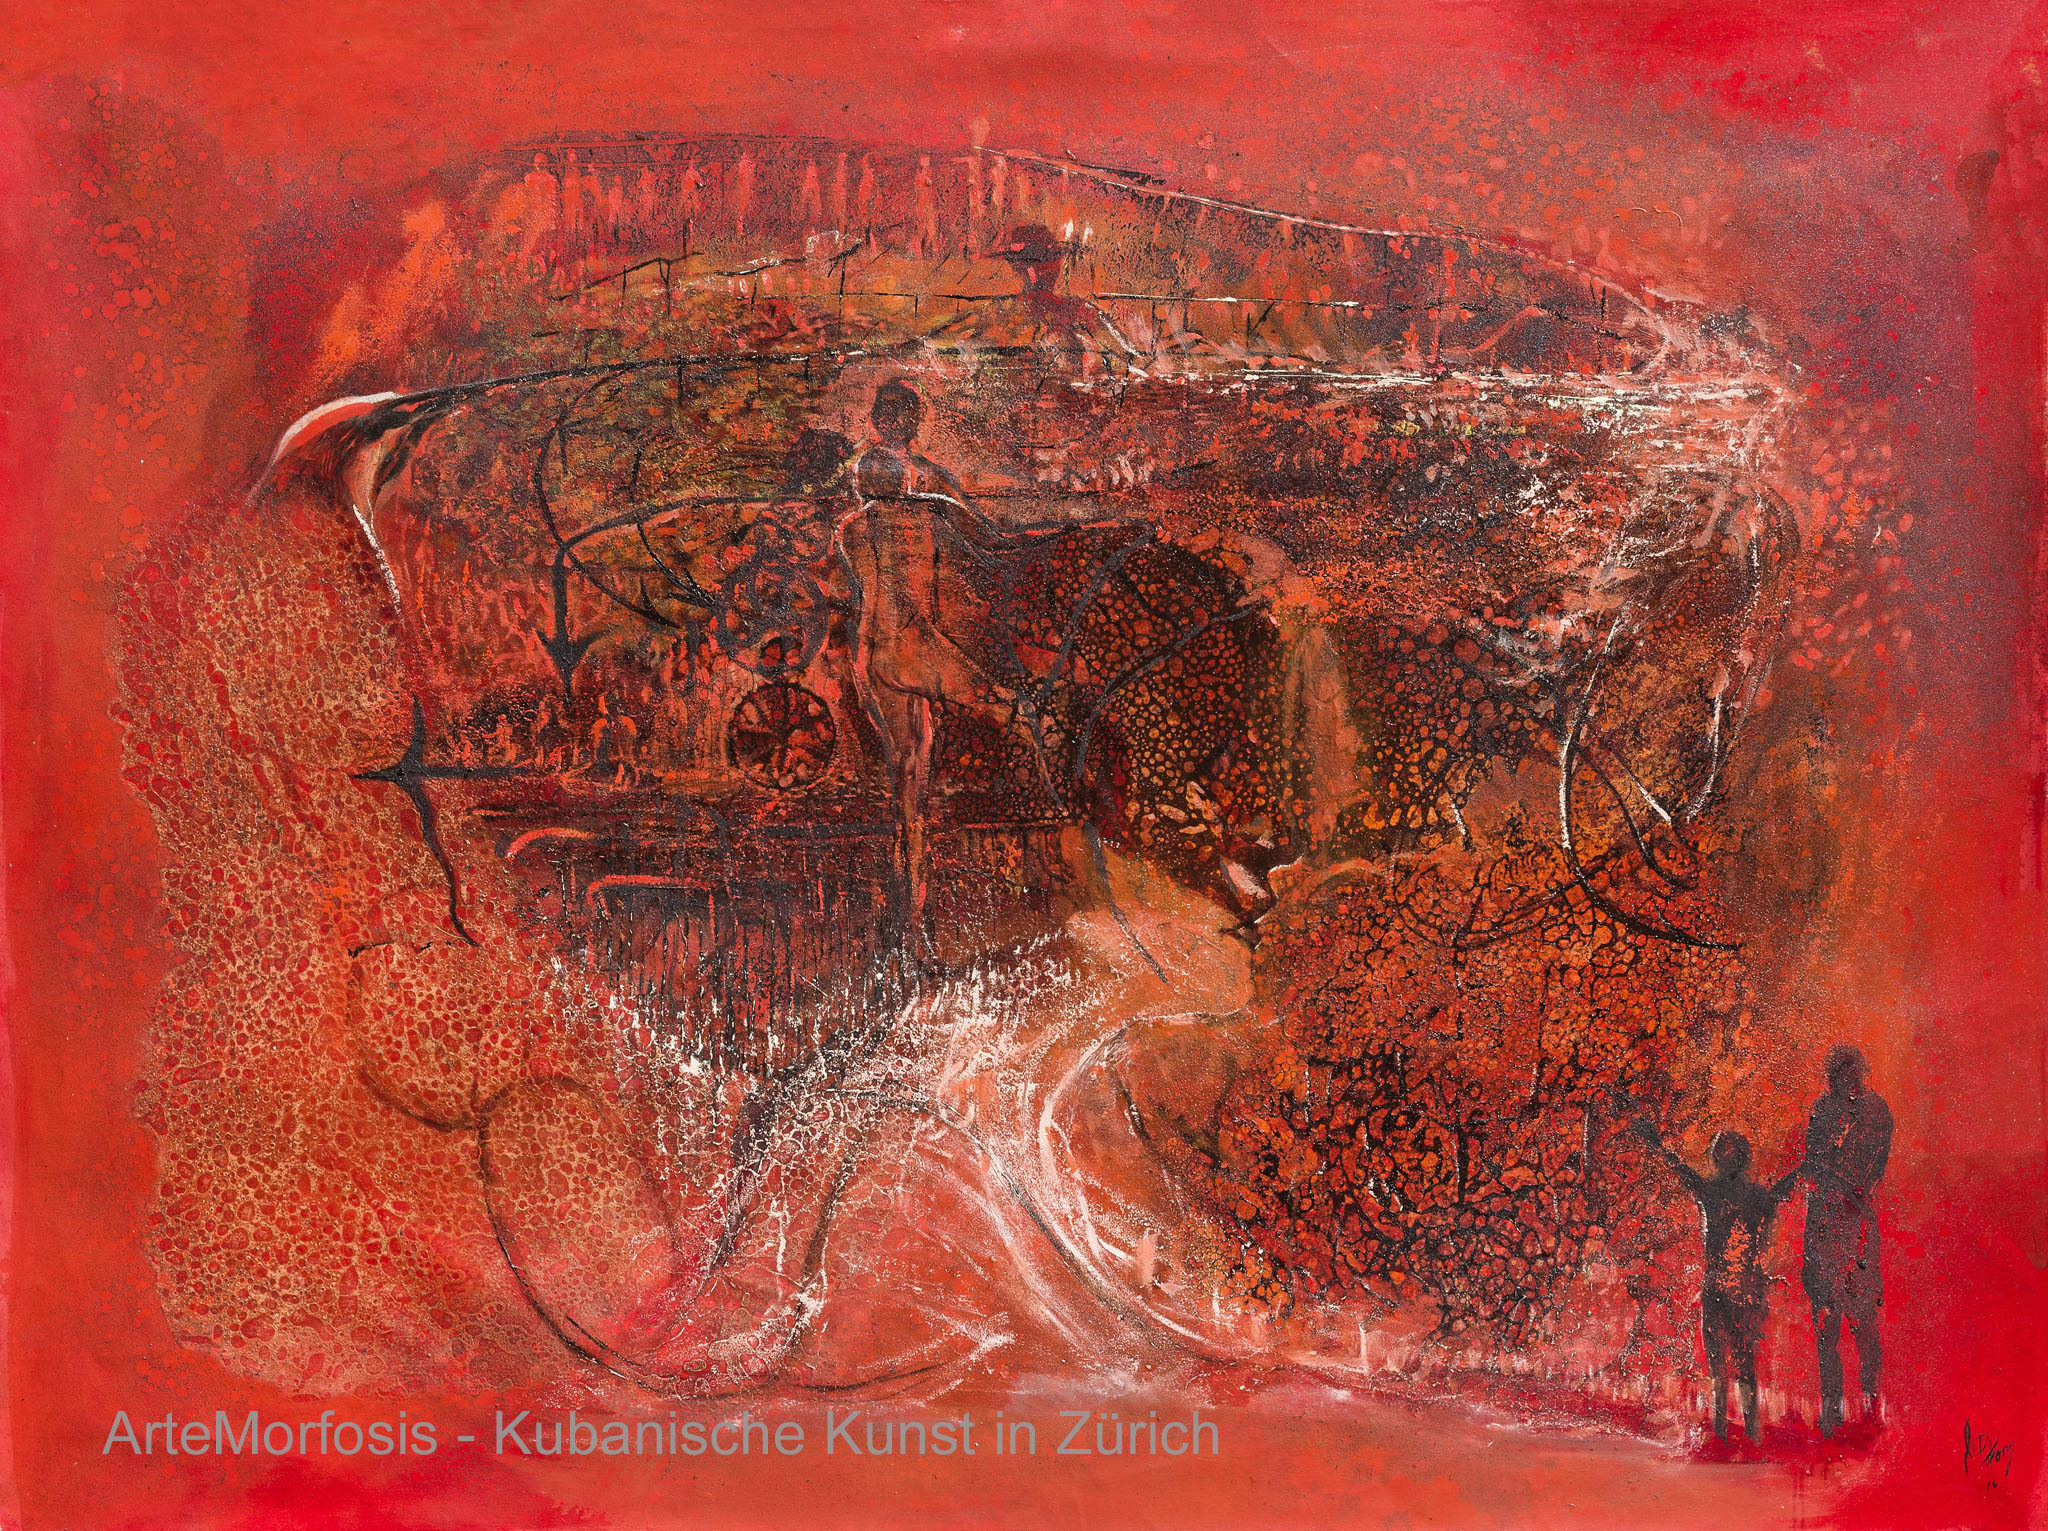 Li D Fong: Sueño rojo / Red Dream - 2016 - 143 x 190 cm